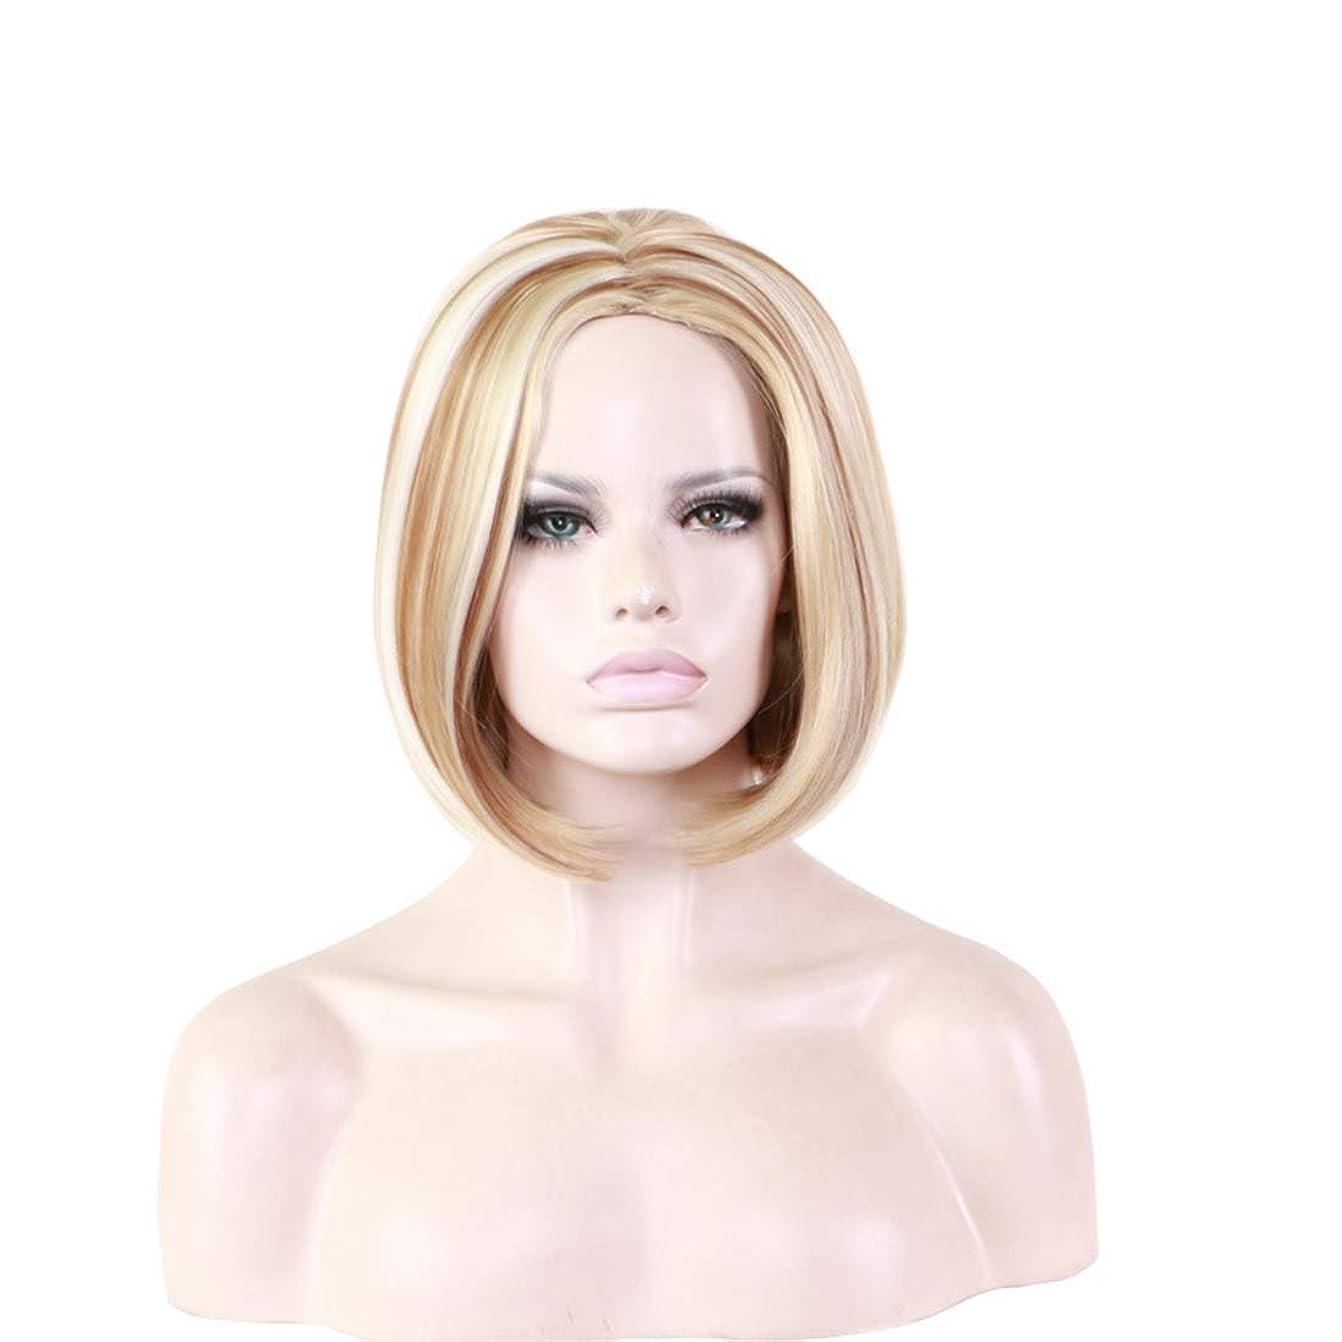 人物かすかな迅速JIANFU ヨーロッパとアメリカの人気ウィッグゴールデンショートヘアウィッグホワイトショートヘアウィッグ (Color : 金色)